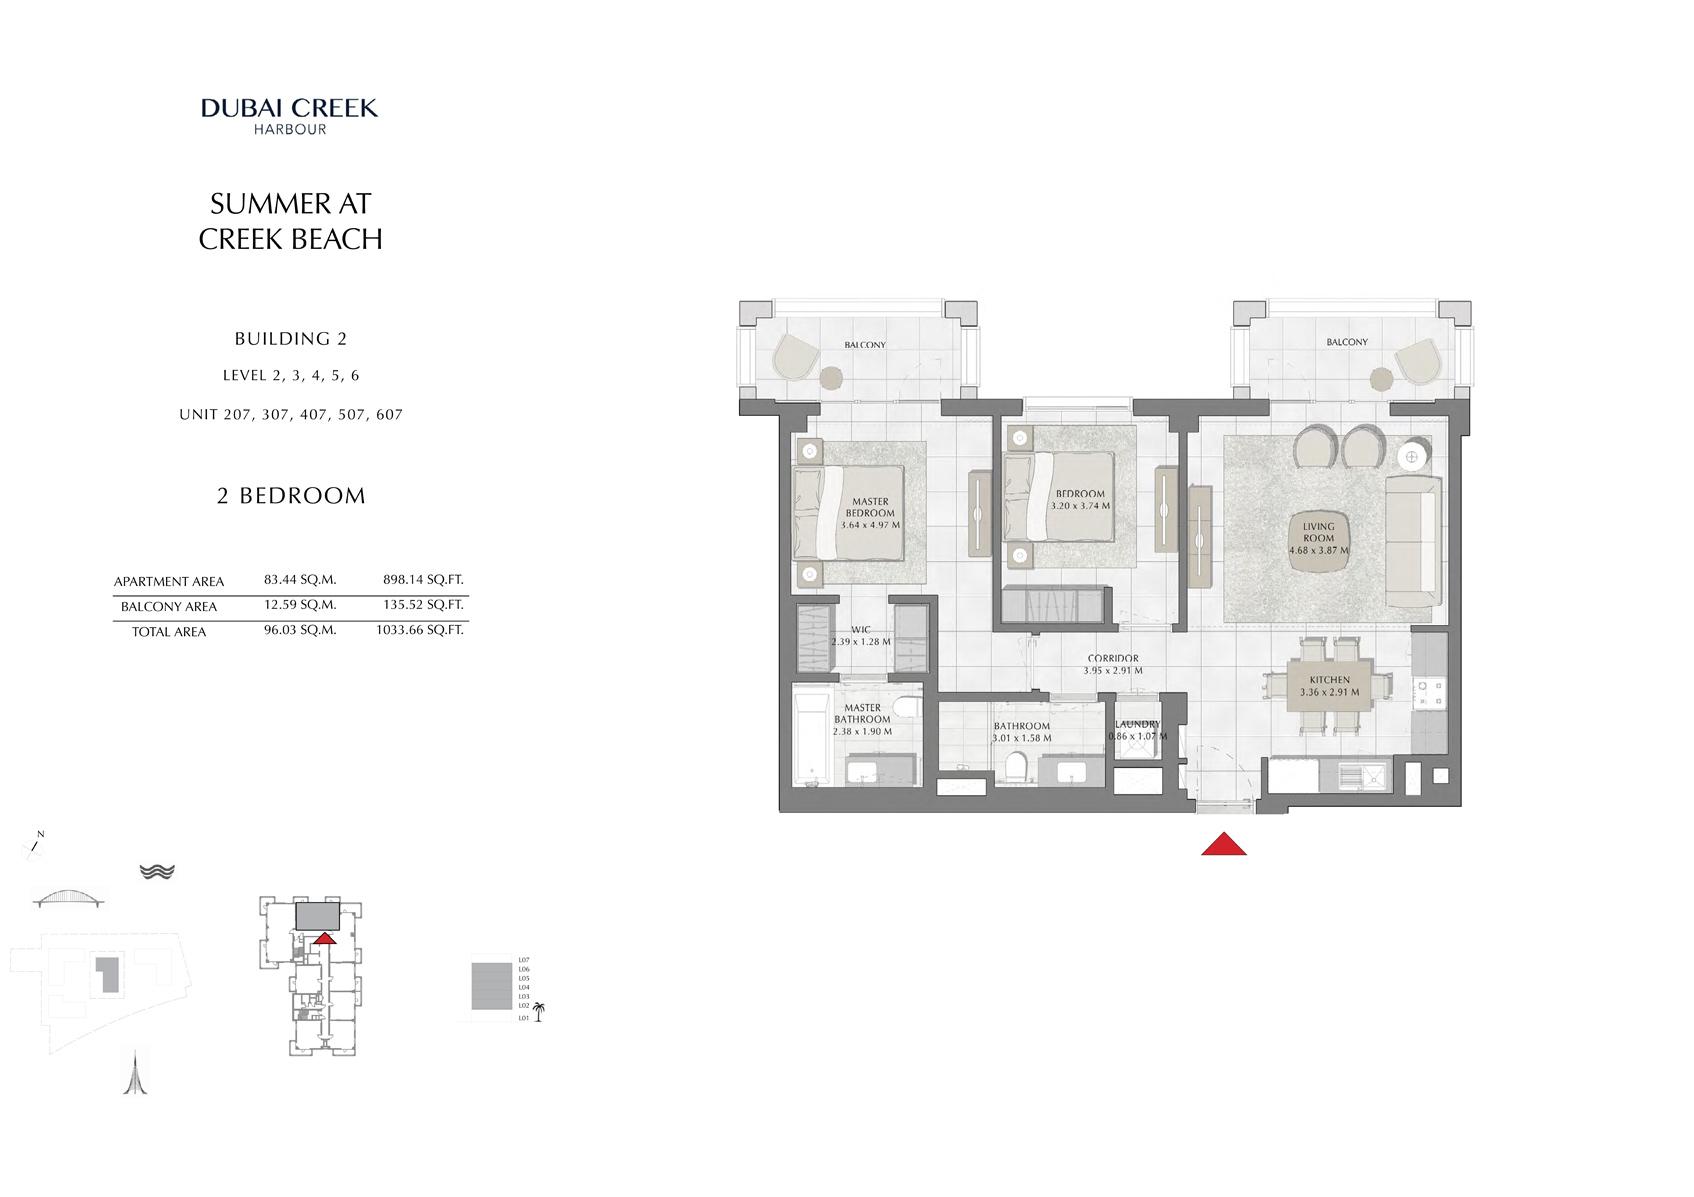 2 Br Building 2 Level-2-3-4-5-6 Unit-207-307-407-507-607, Size 1033 Sq Ft